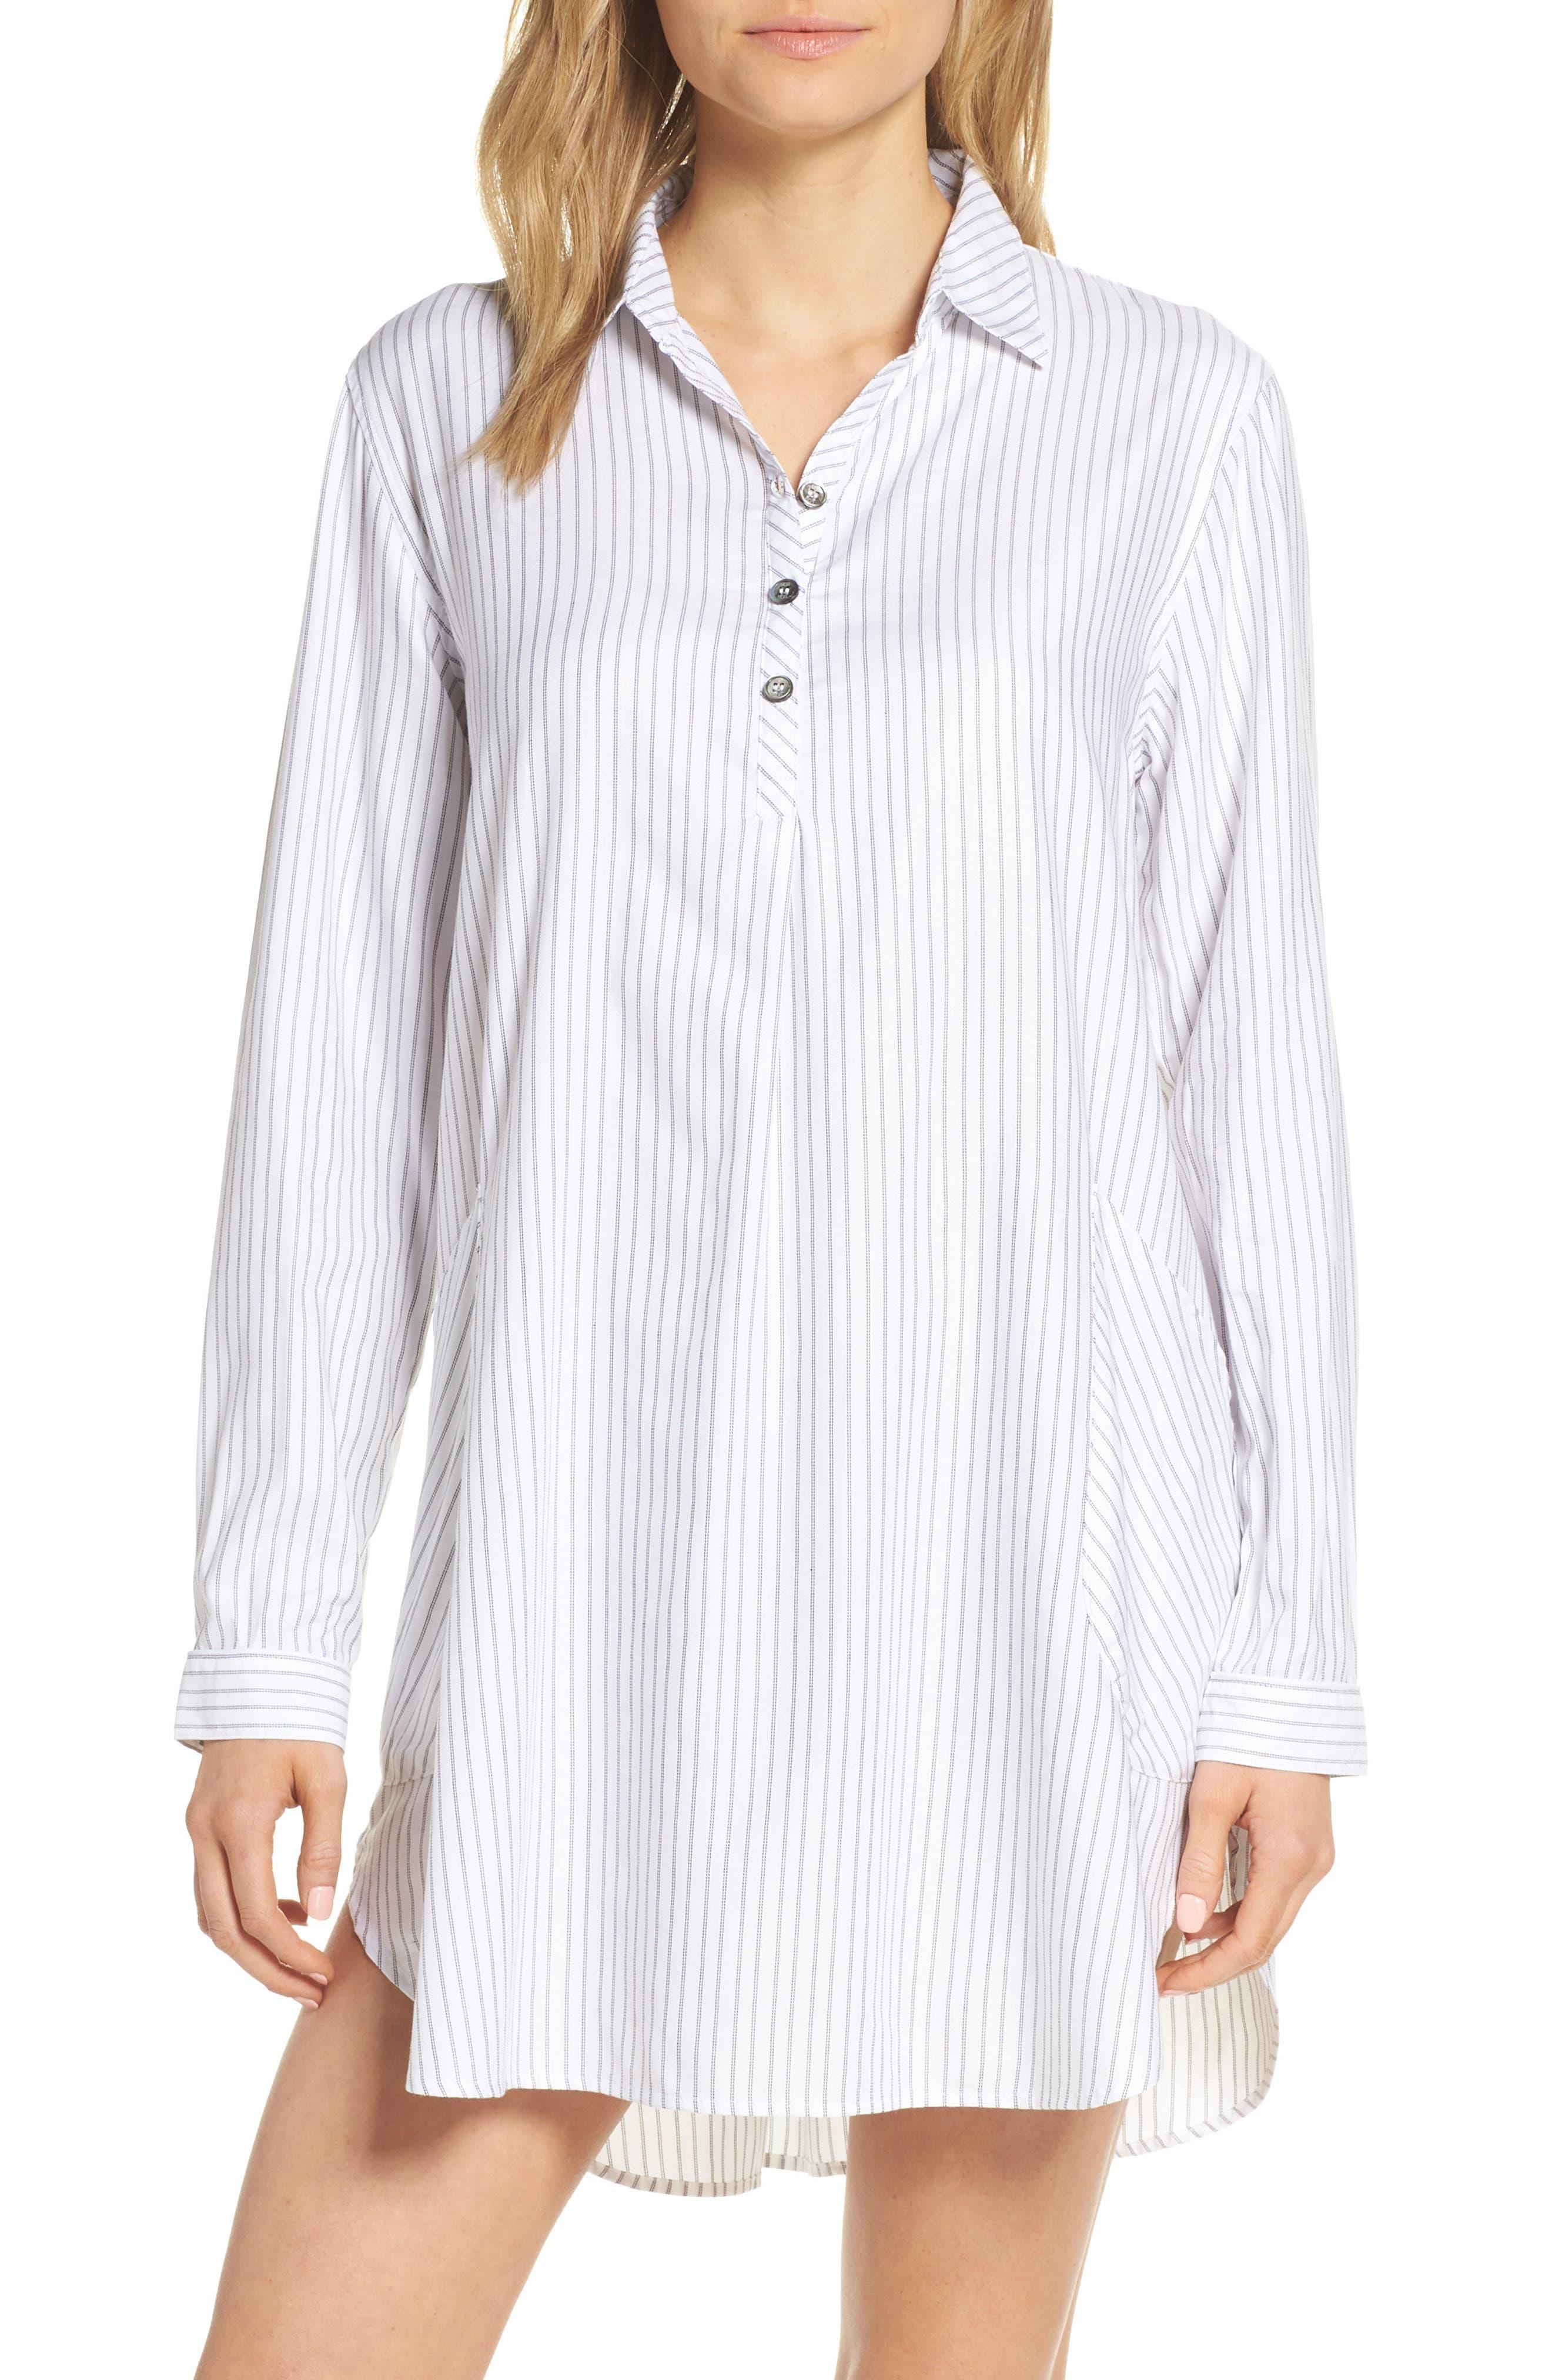 Ugg Gabri Sleepshirt, Ivory